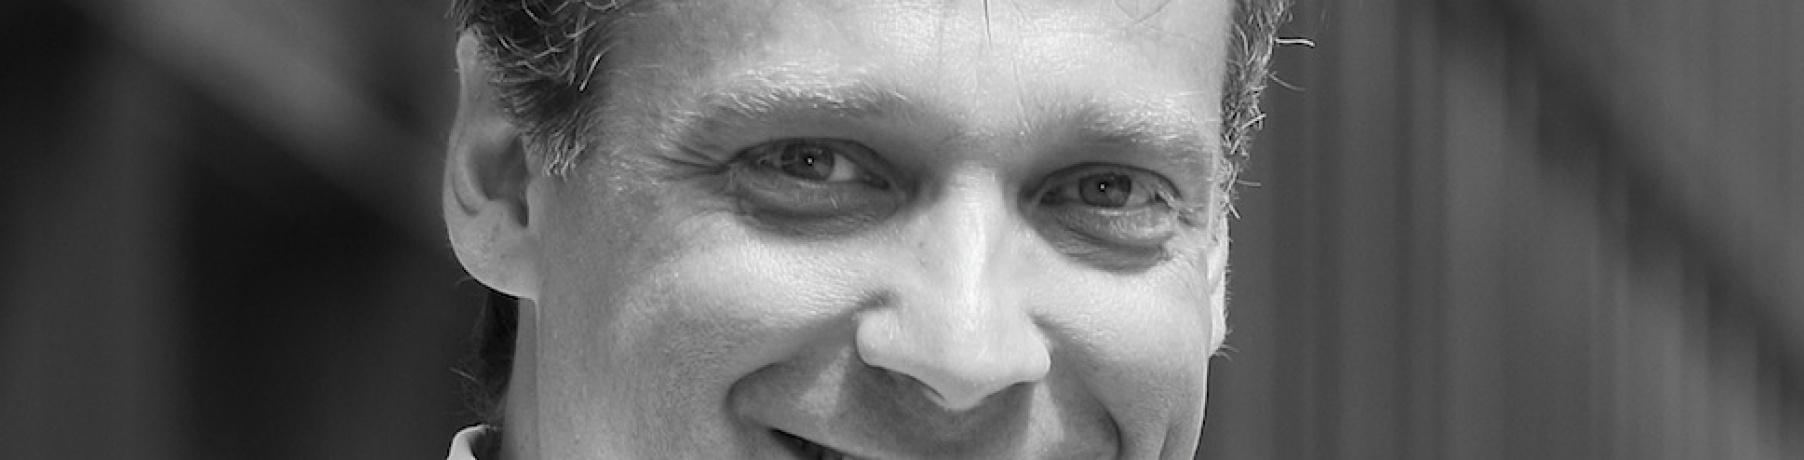 Thomas Klaes, Fachanwalt für Arbeitsrecht in Köln